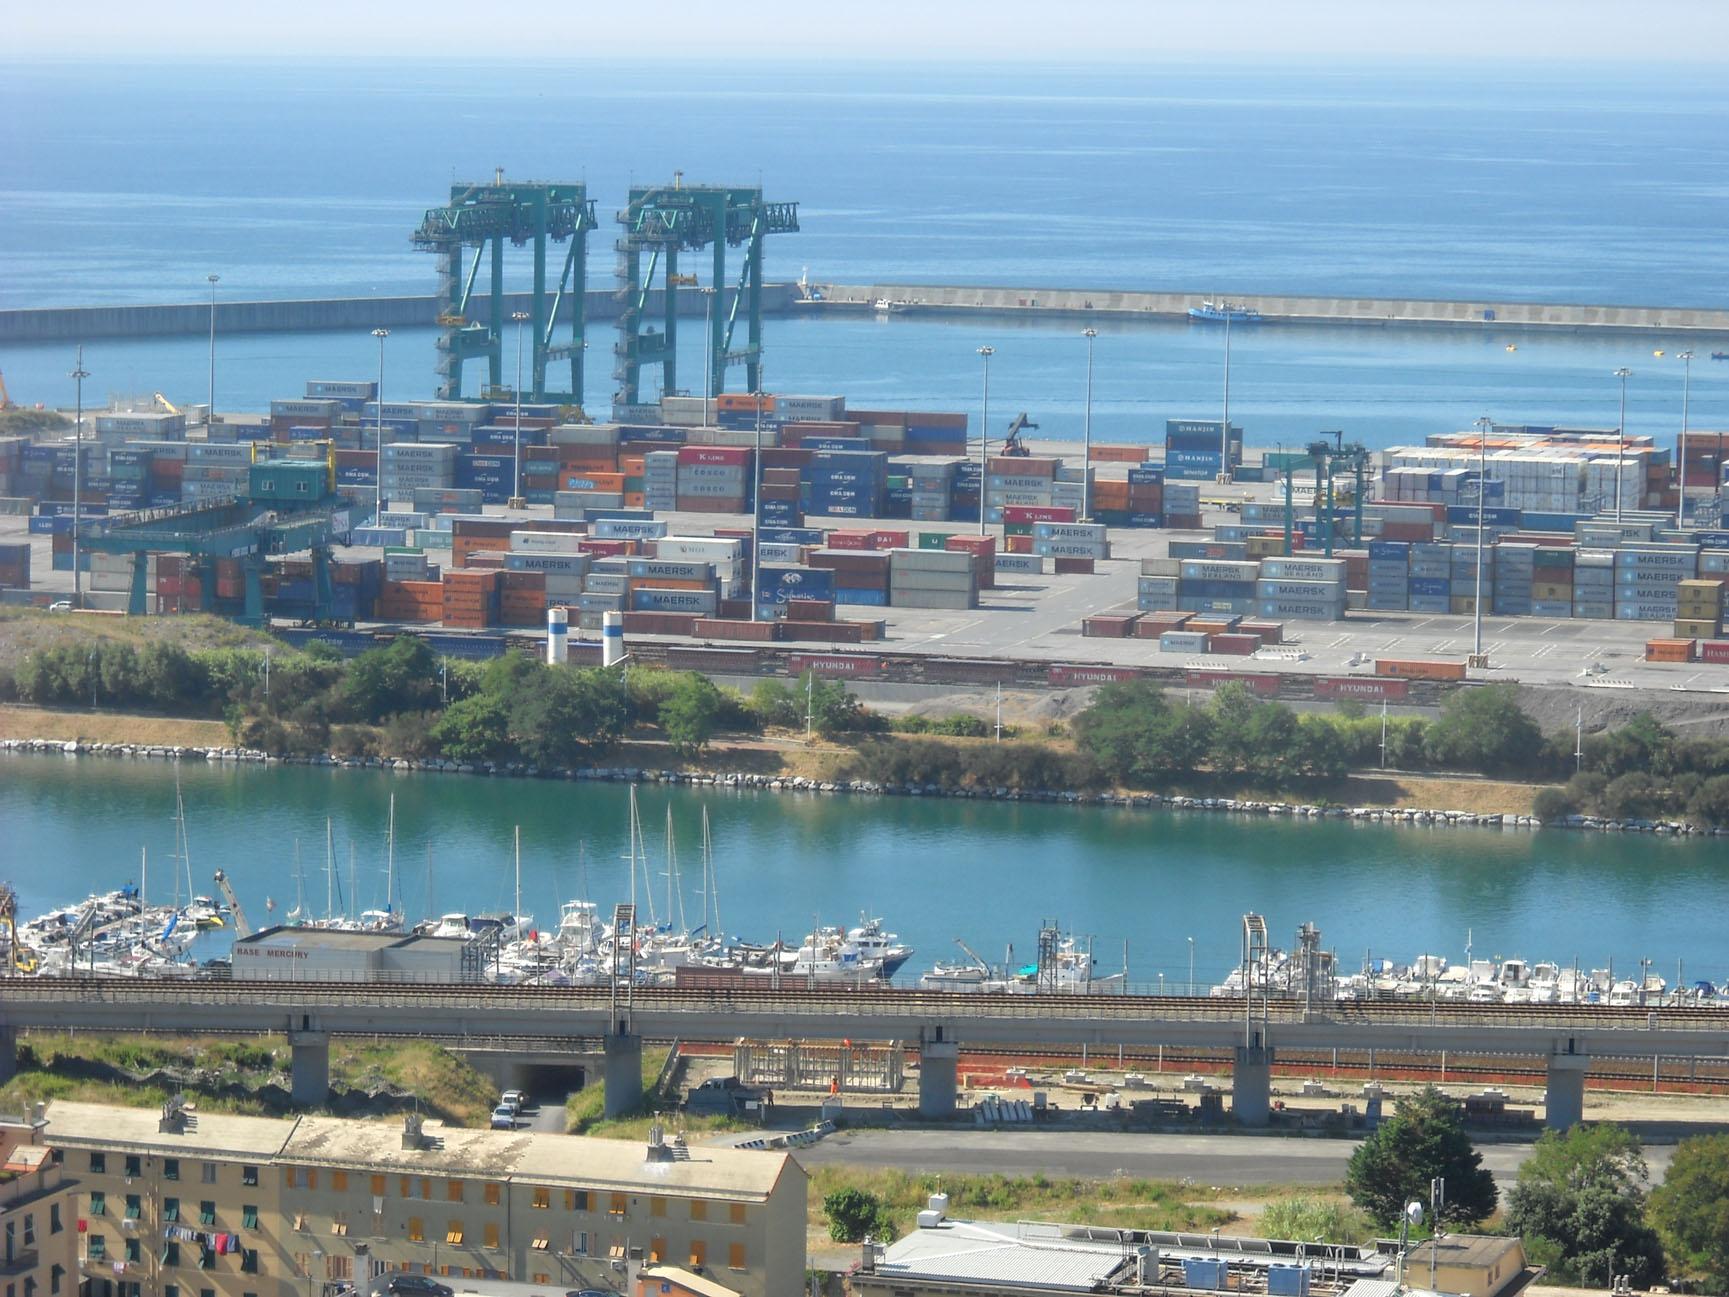 Canale_e_porto